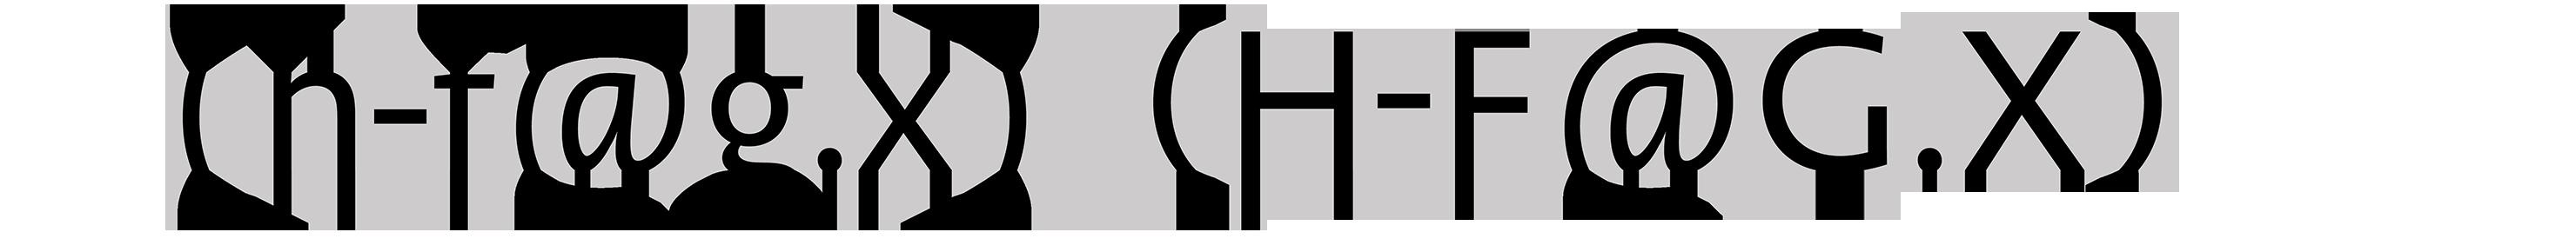 Typeface-Novel-Sans-F02-Atlas-Font-Foundry